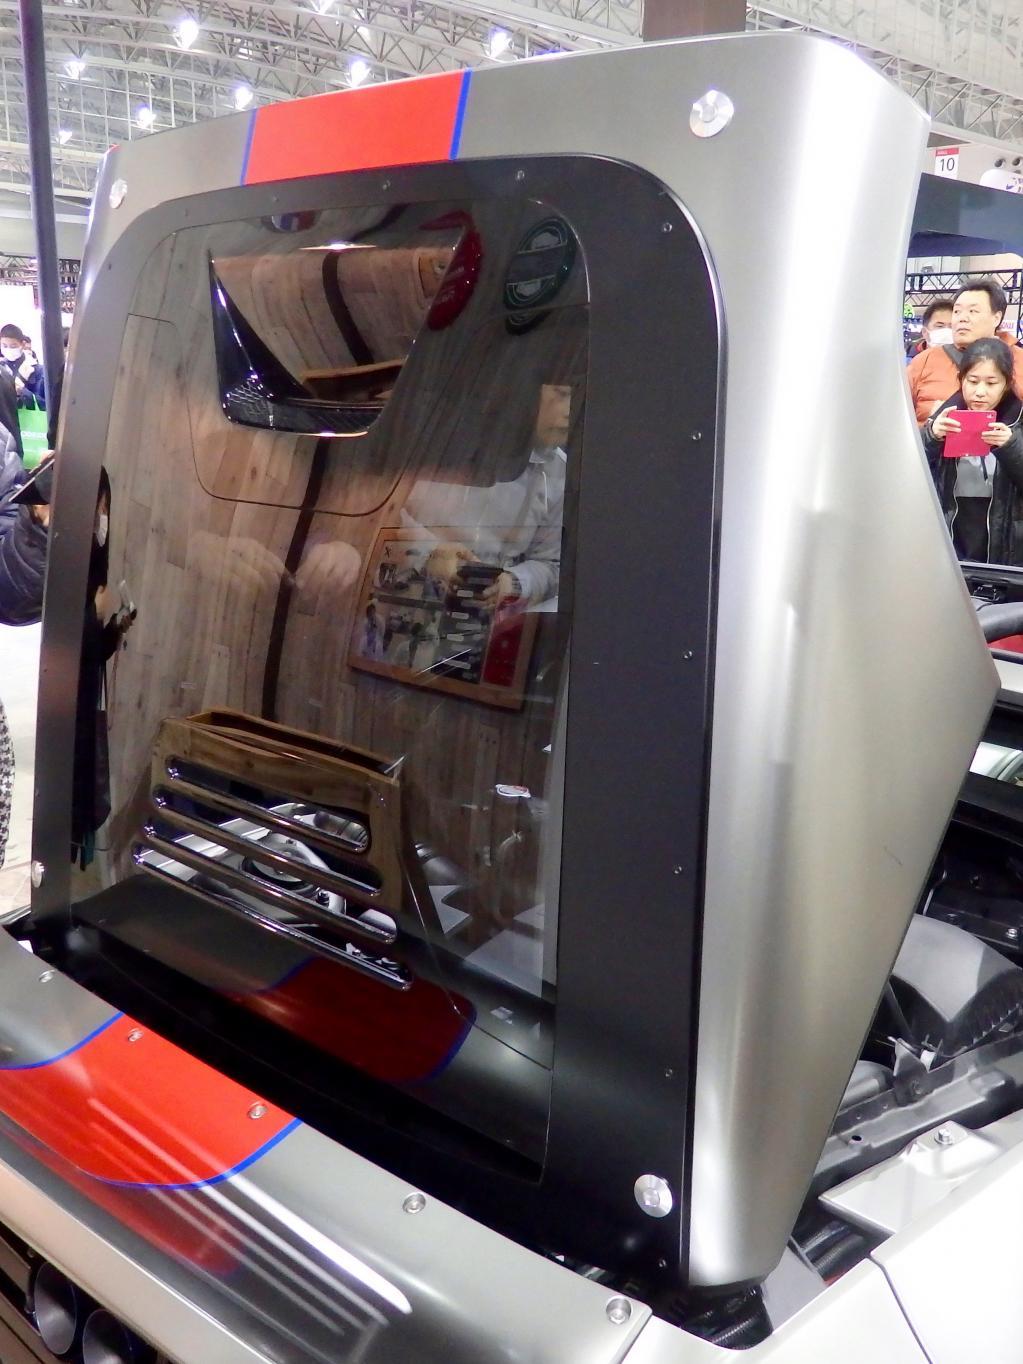 このままで売って欲しい! 本家HONDAS660を凌ぐ迫力と格好良さ‼︎ Modulo Neo Classic Racer(モデューロ ネオクラシック レーサー)HONDA S660